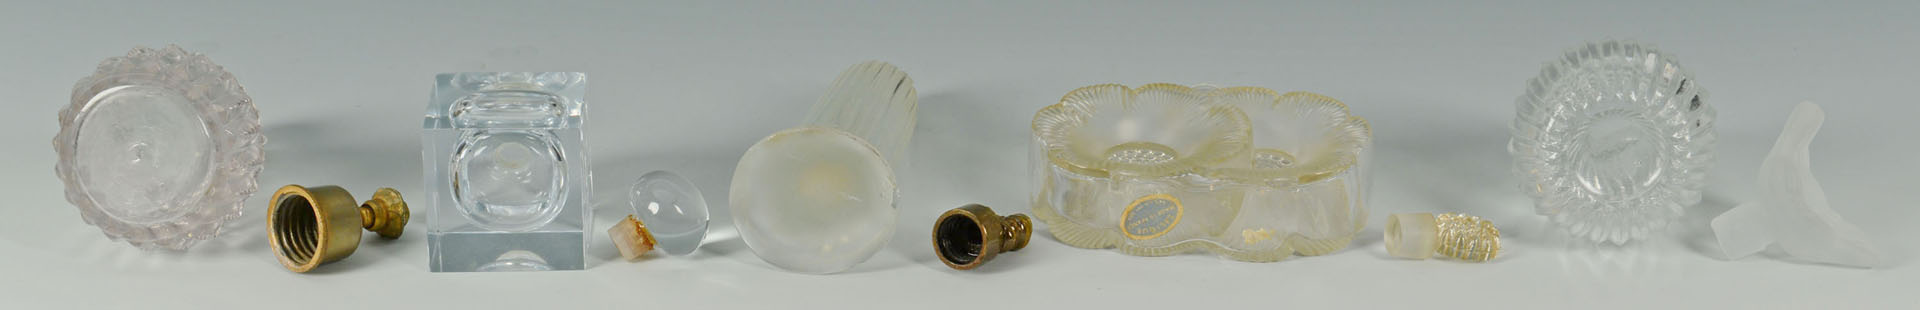 5 Vintage glass perfume bottles inc. Lalique